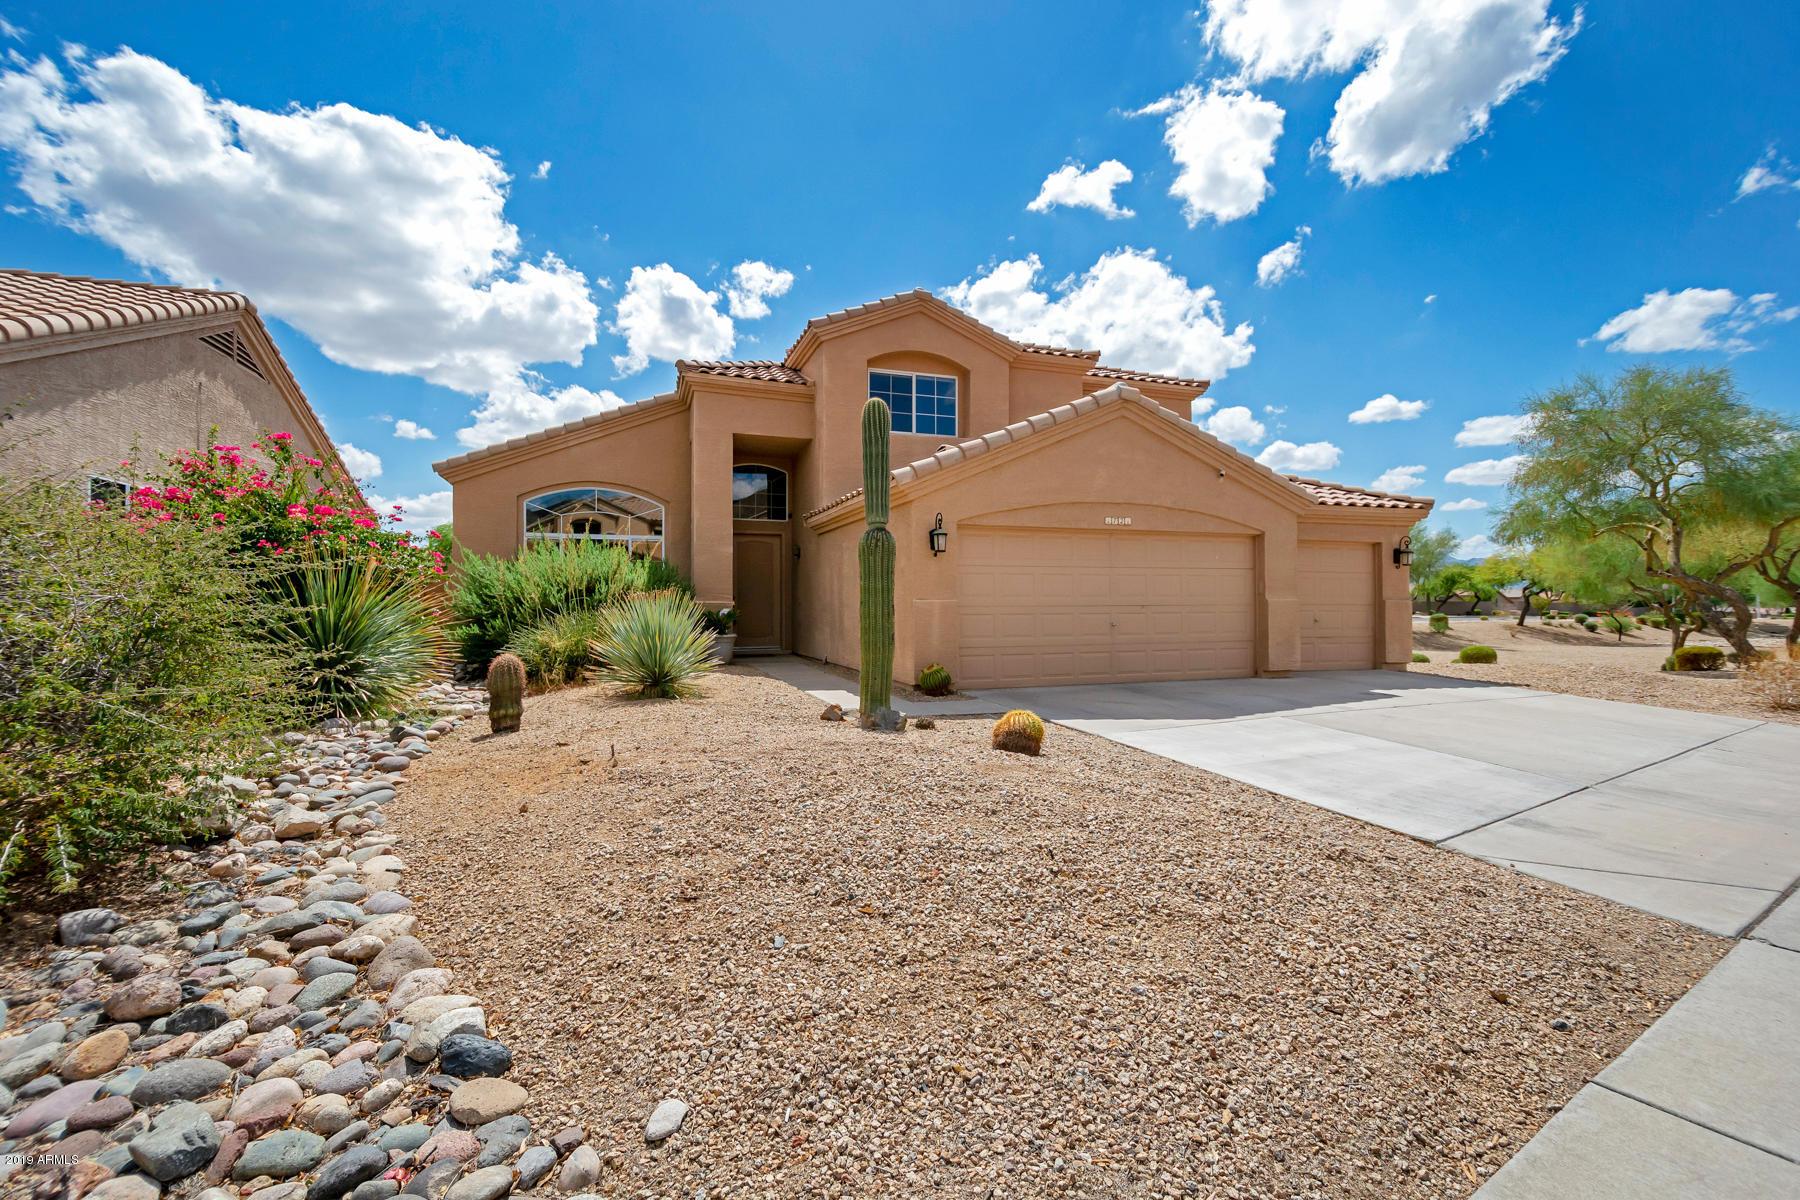 Photo of 1721 W SOUTH FORK Drive, Phoenix, AZ 85045